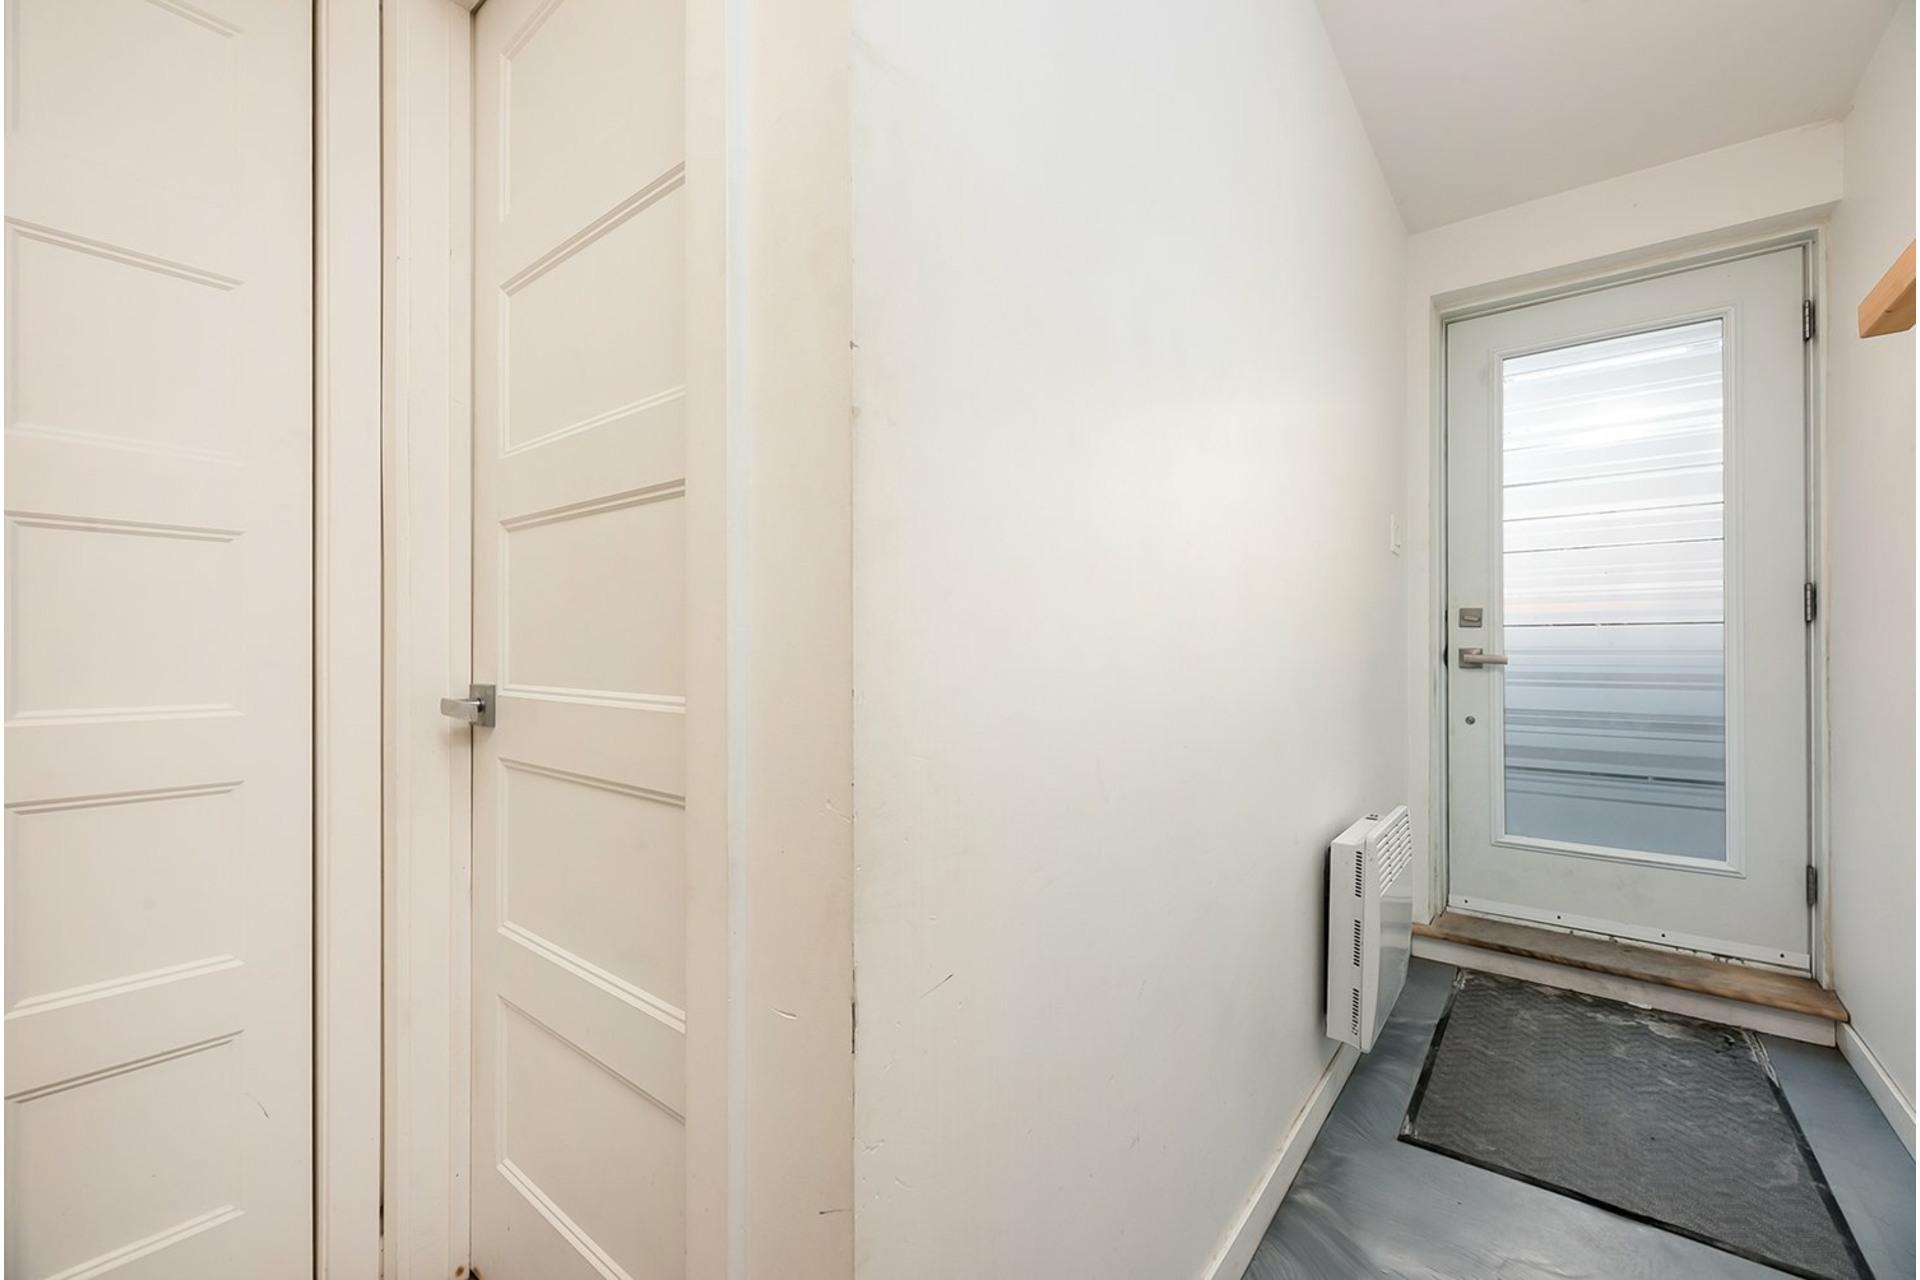 image 56 - Triplex For sale Mercier/Hochelaga-Maisonneuve Montréal  - 4 rooms